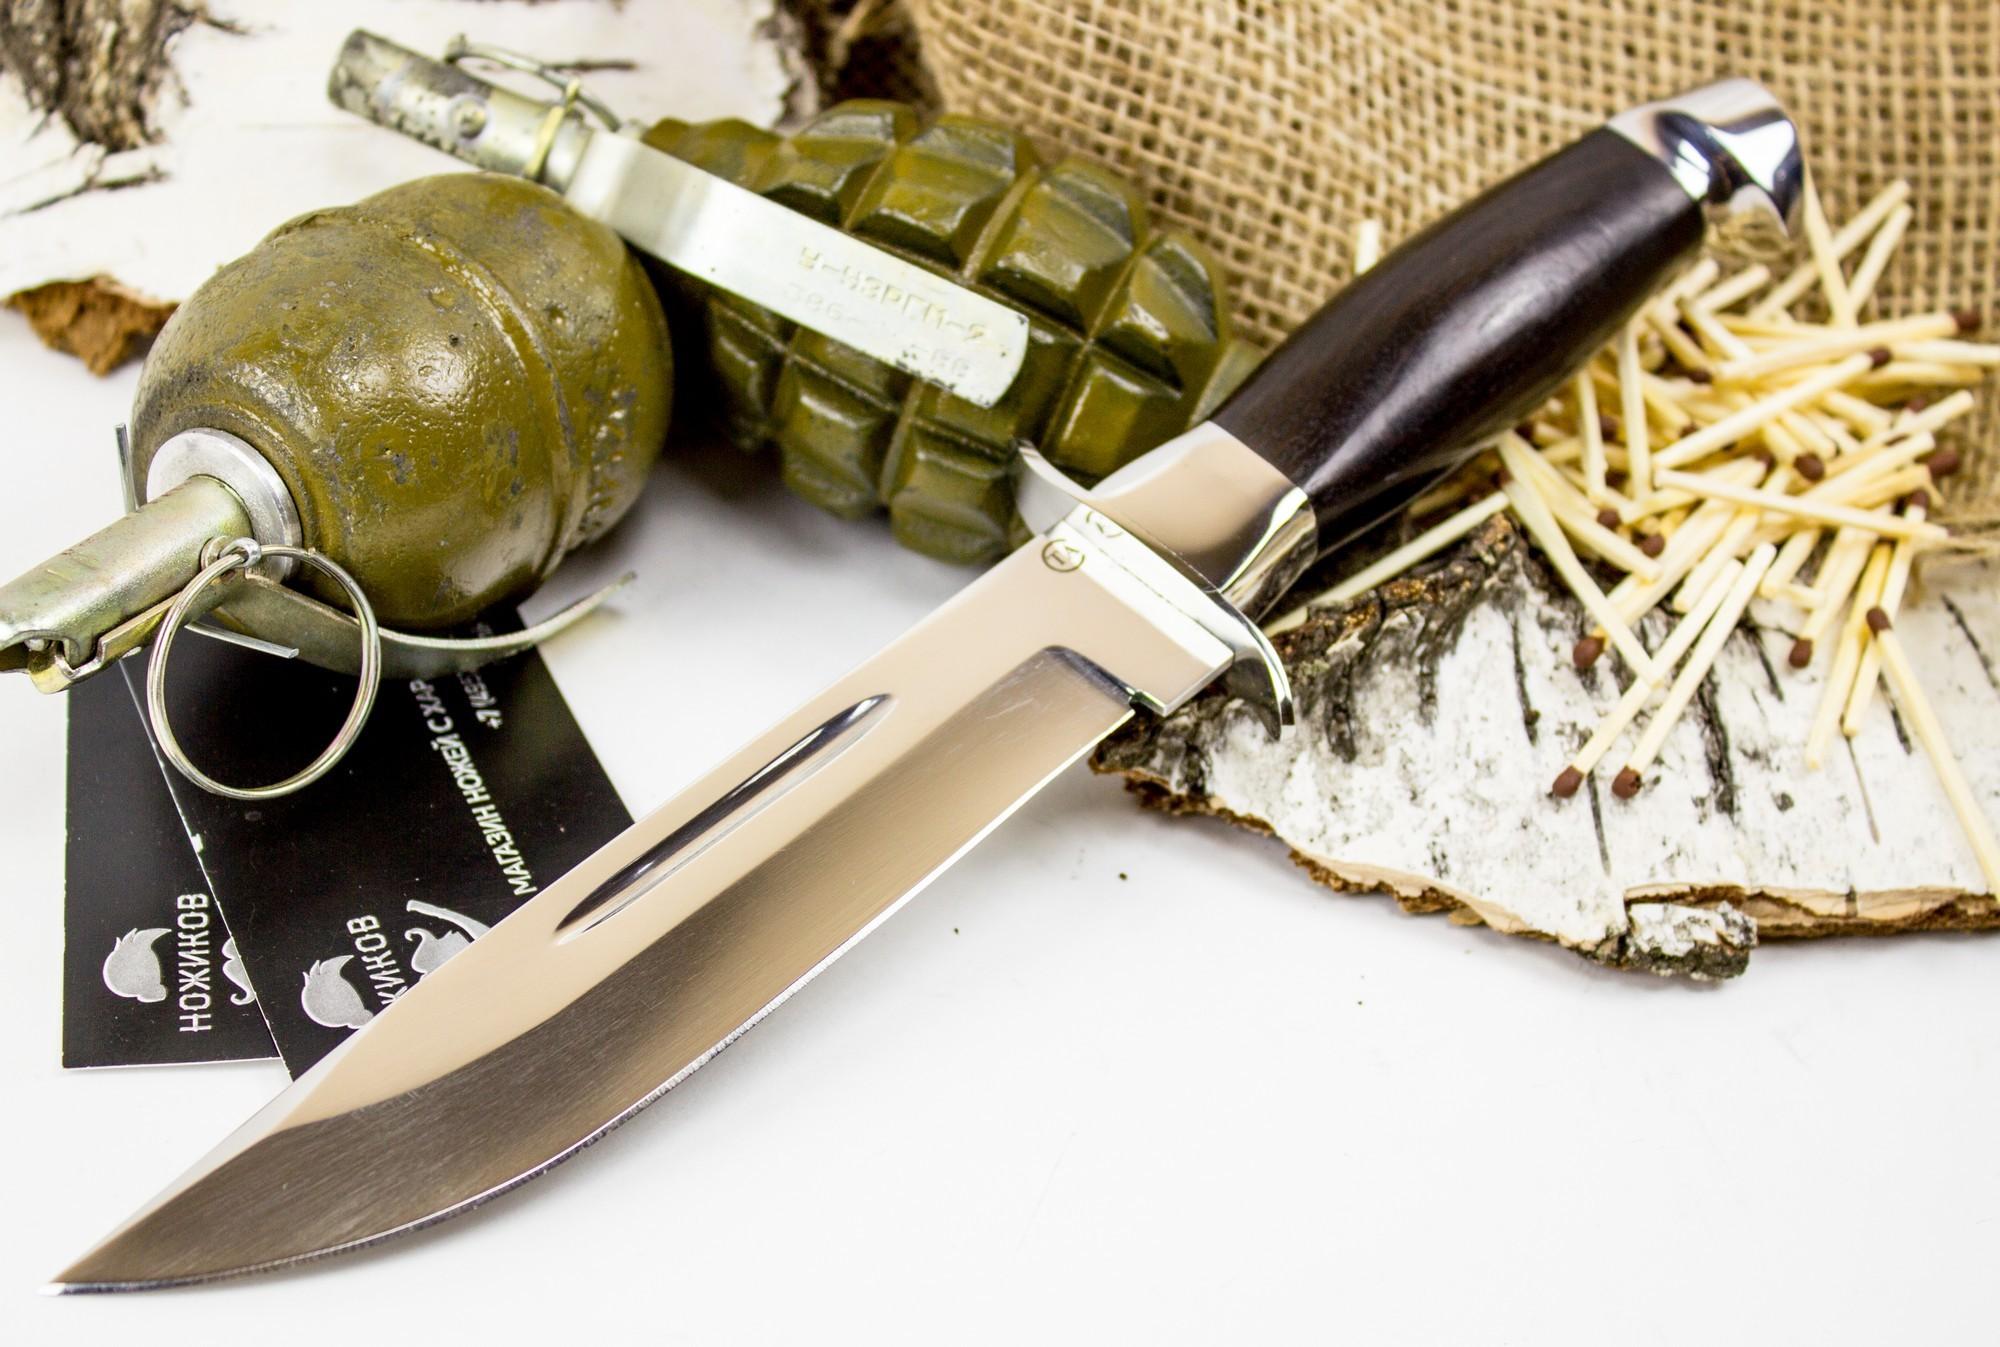 Нож Макс, сталь 95х18, граб